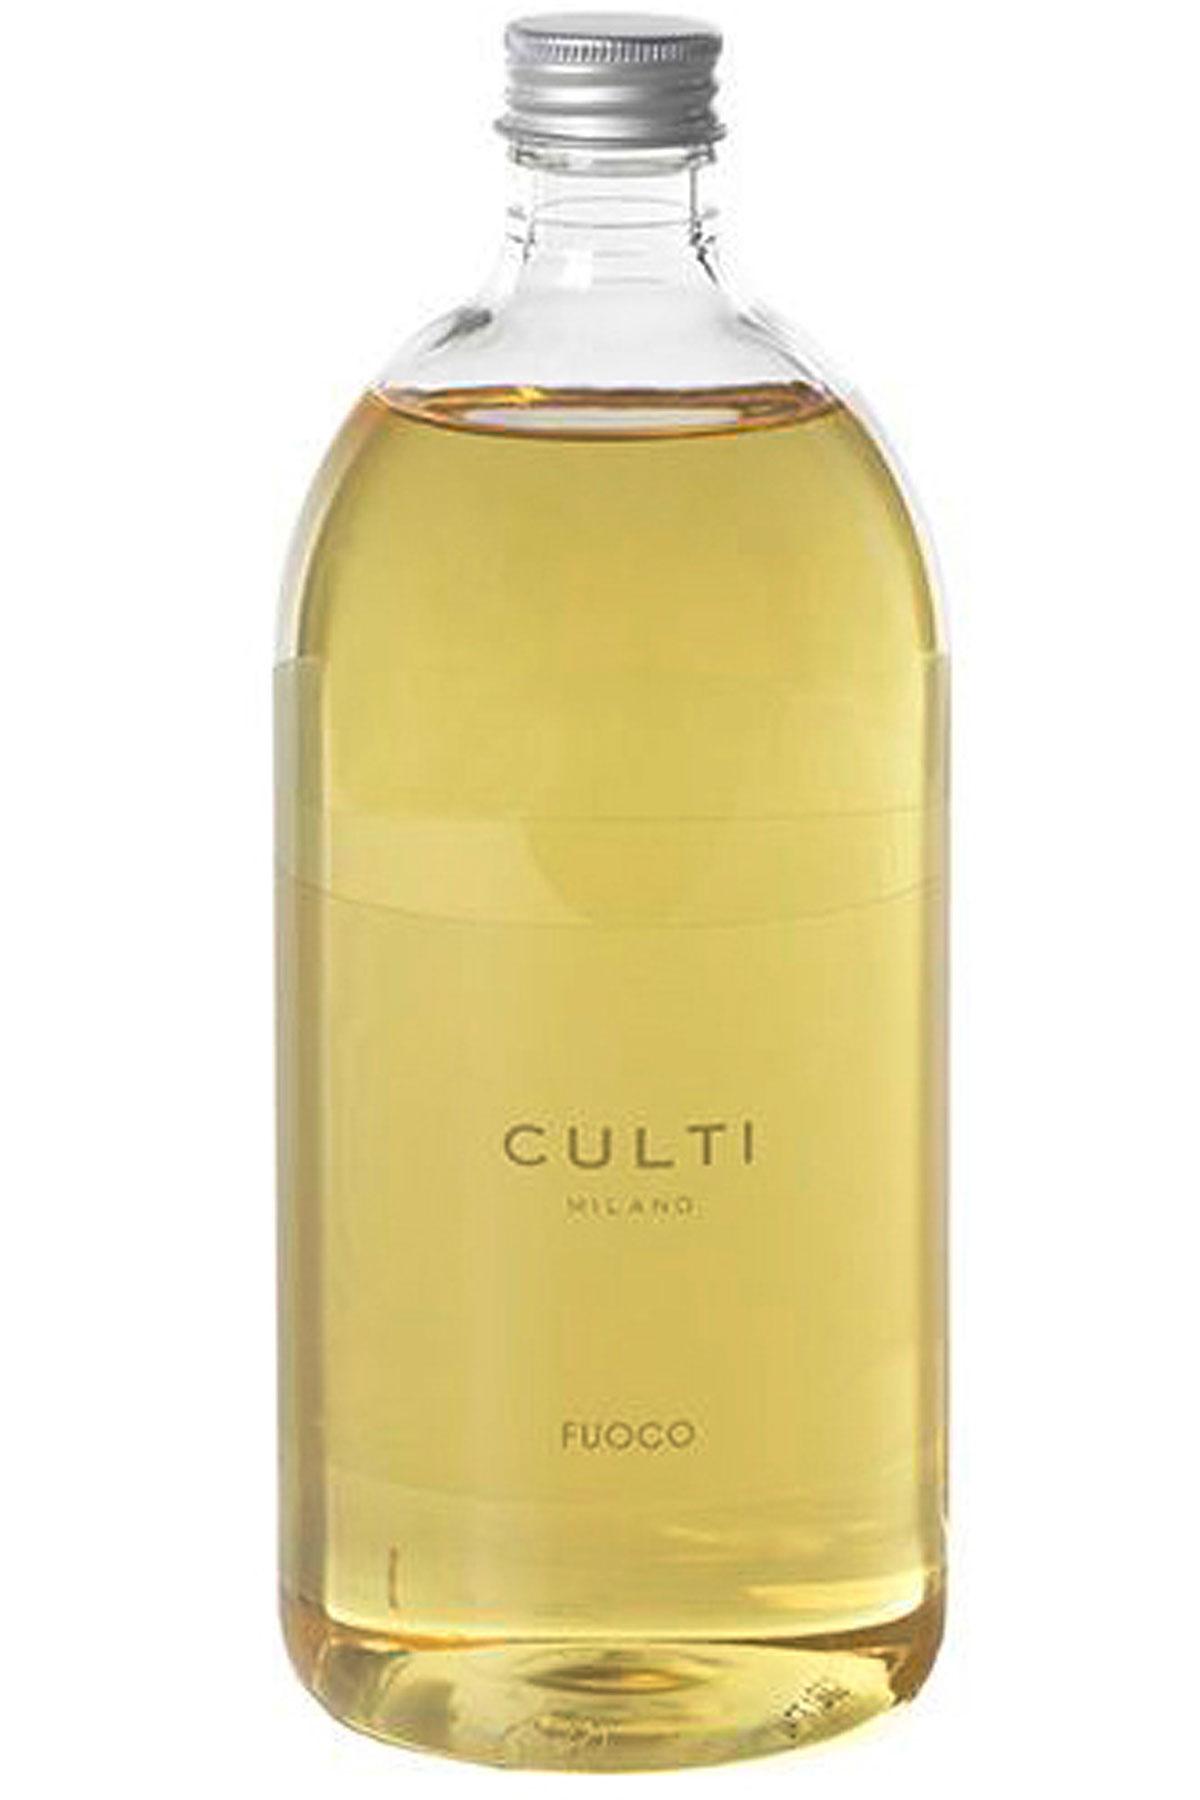 Culti Milano Home Scents for Men On Sale, Refill - Fuoco - 1000 Ml, 2019, 1000 ml